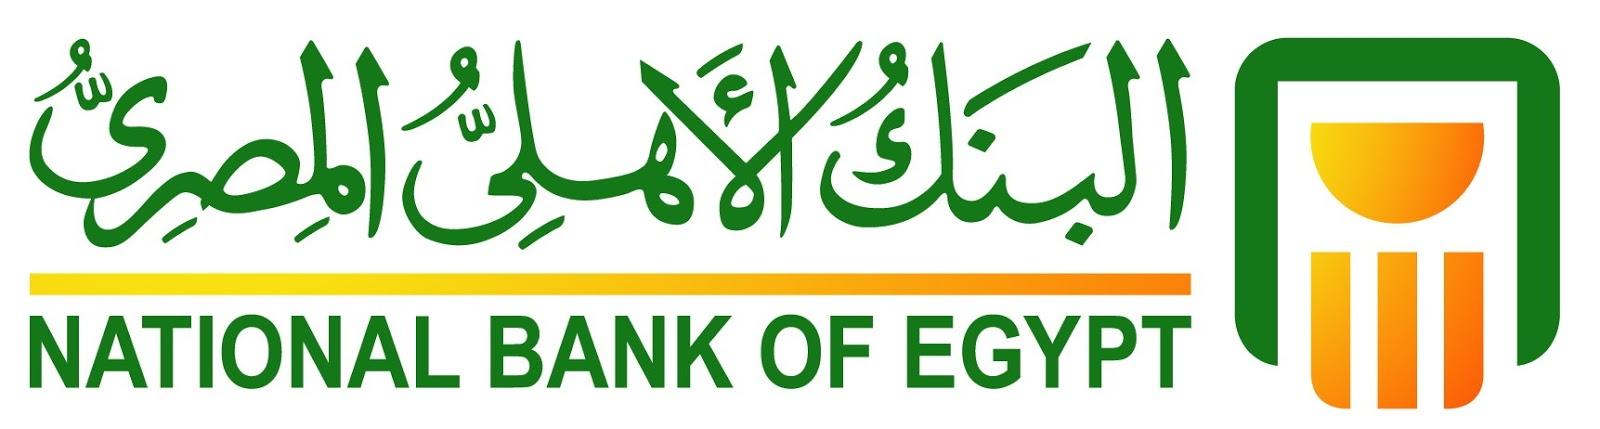 تعرف على كيفية استخراج بطاقات الخصم بالبنك الأهلى المصرى وأبرز خصائصها